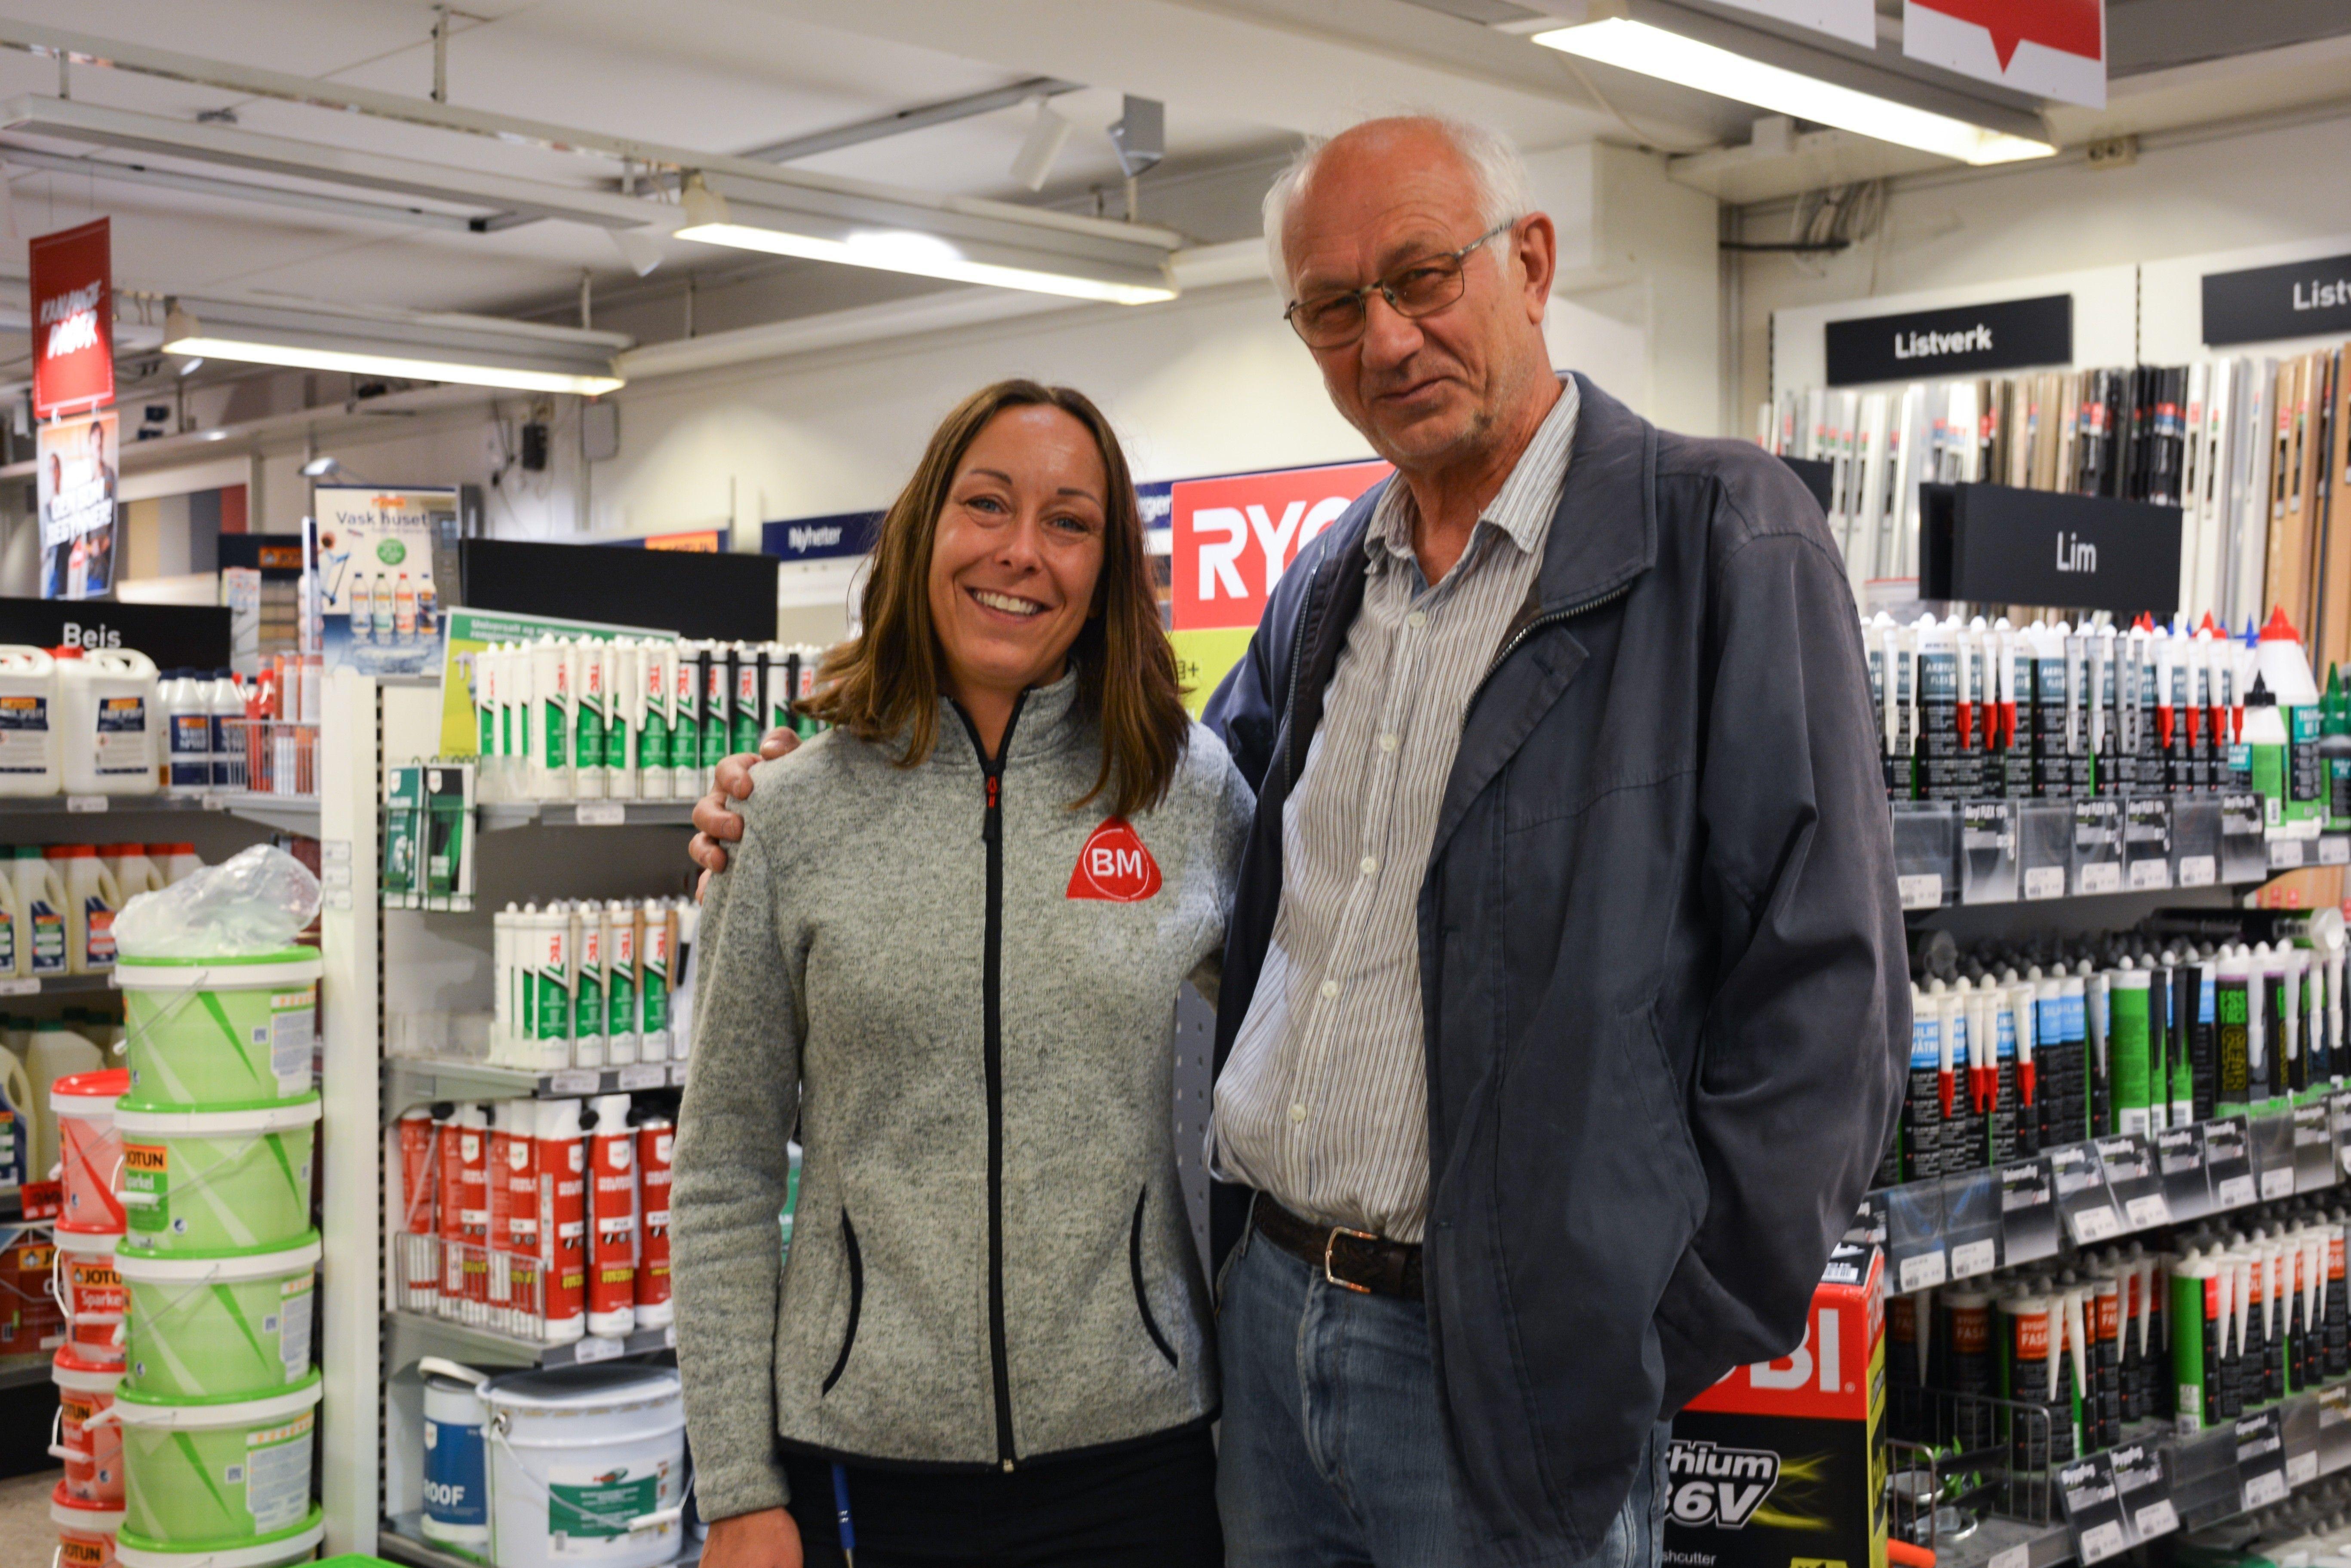 Lena Sønju, salg - og markedsansvarlig, og Ulf Vidar Grønli kjenner hverandre godt. Ulf Vidar har vært kunde i over 15 år og setter ekstra pris på den gode servicen de har ved Byggmakker Eiker.